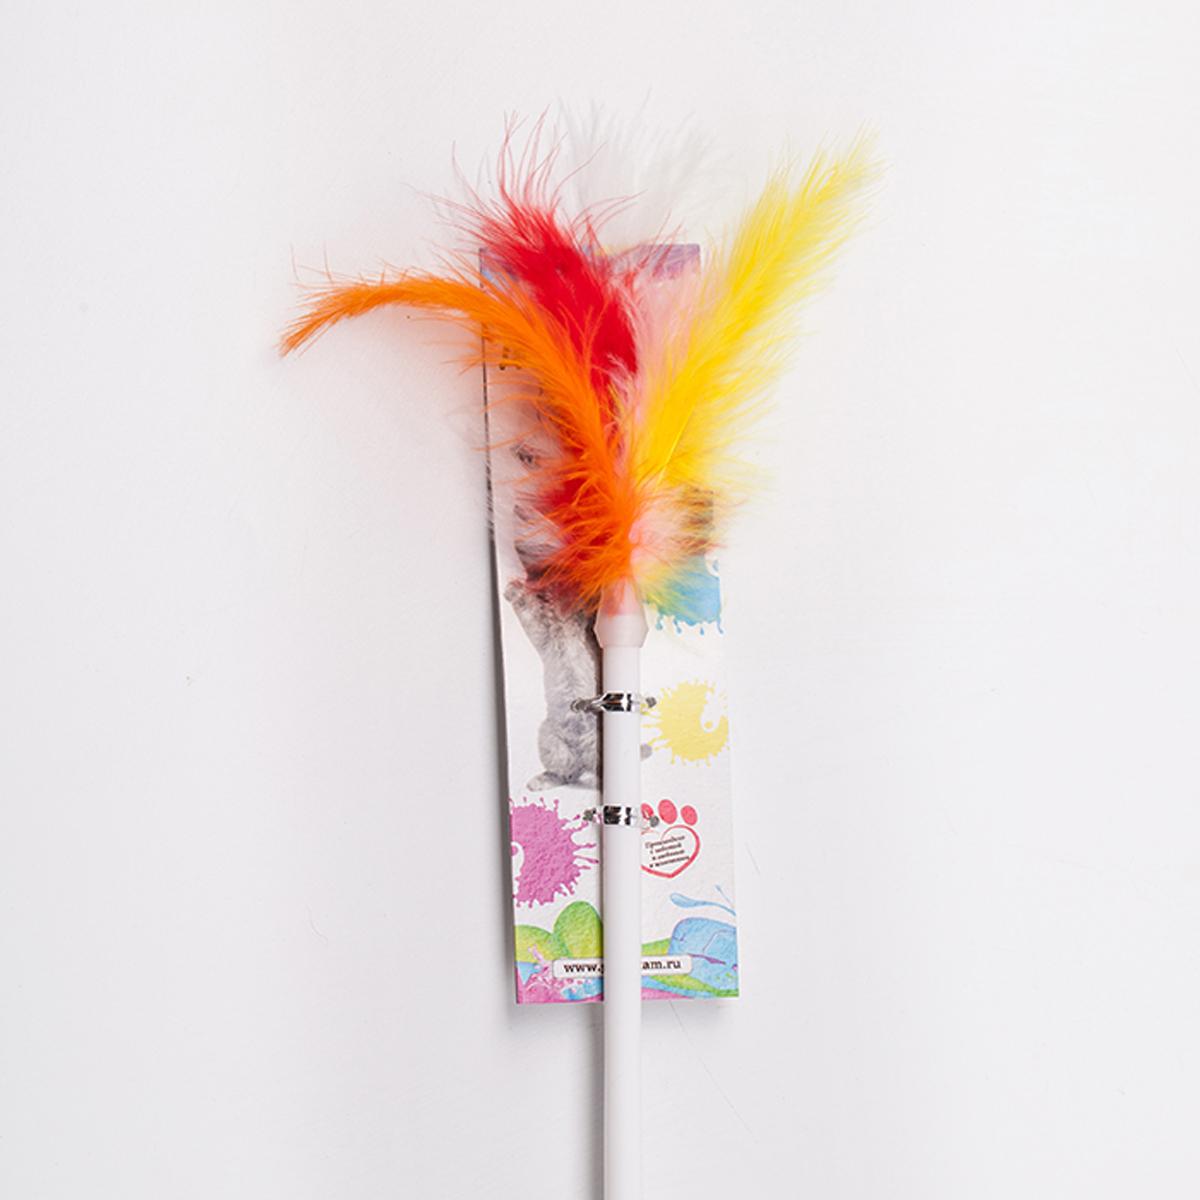 Дразнилка-удочка для кошки Грызлик Ам Пушистый хвост, длина палочки 55 см41.GR.002Дразнилка-удочка Пушистый хвост, длина палочки 55 см. Пластик